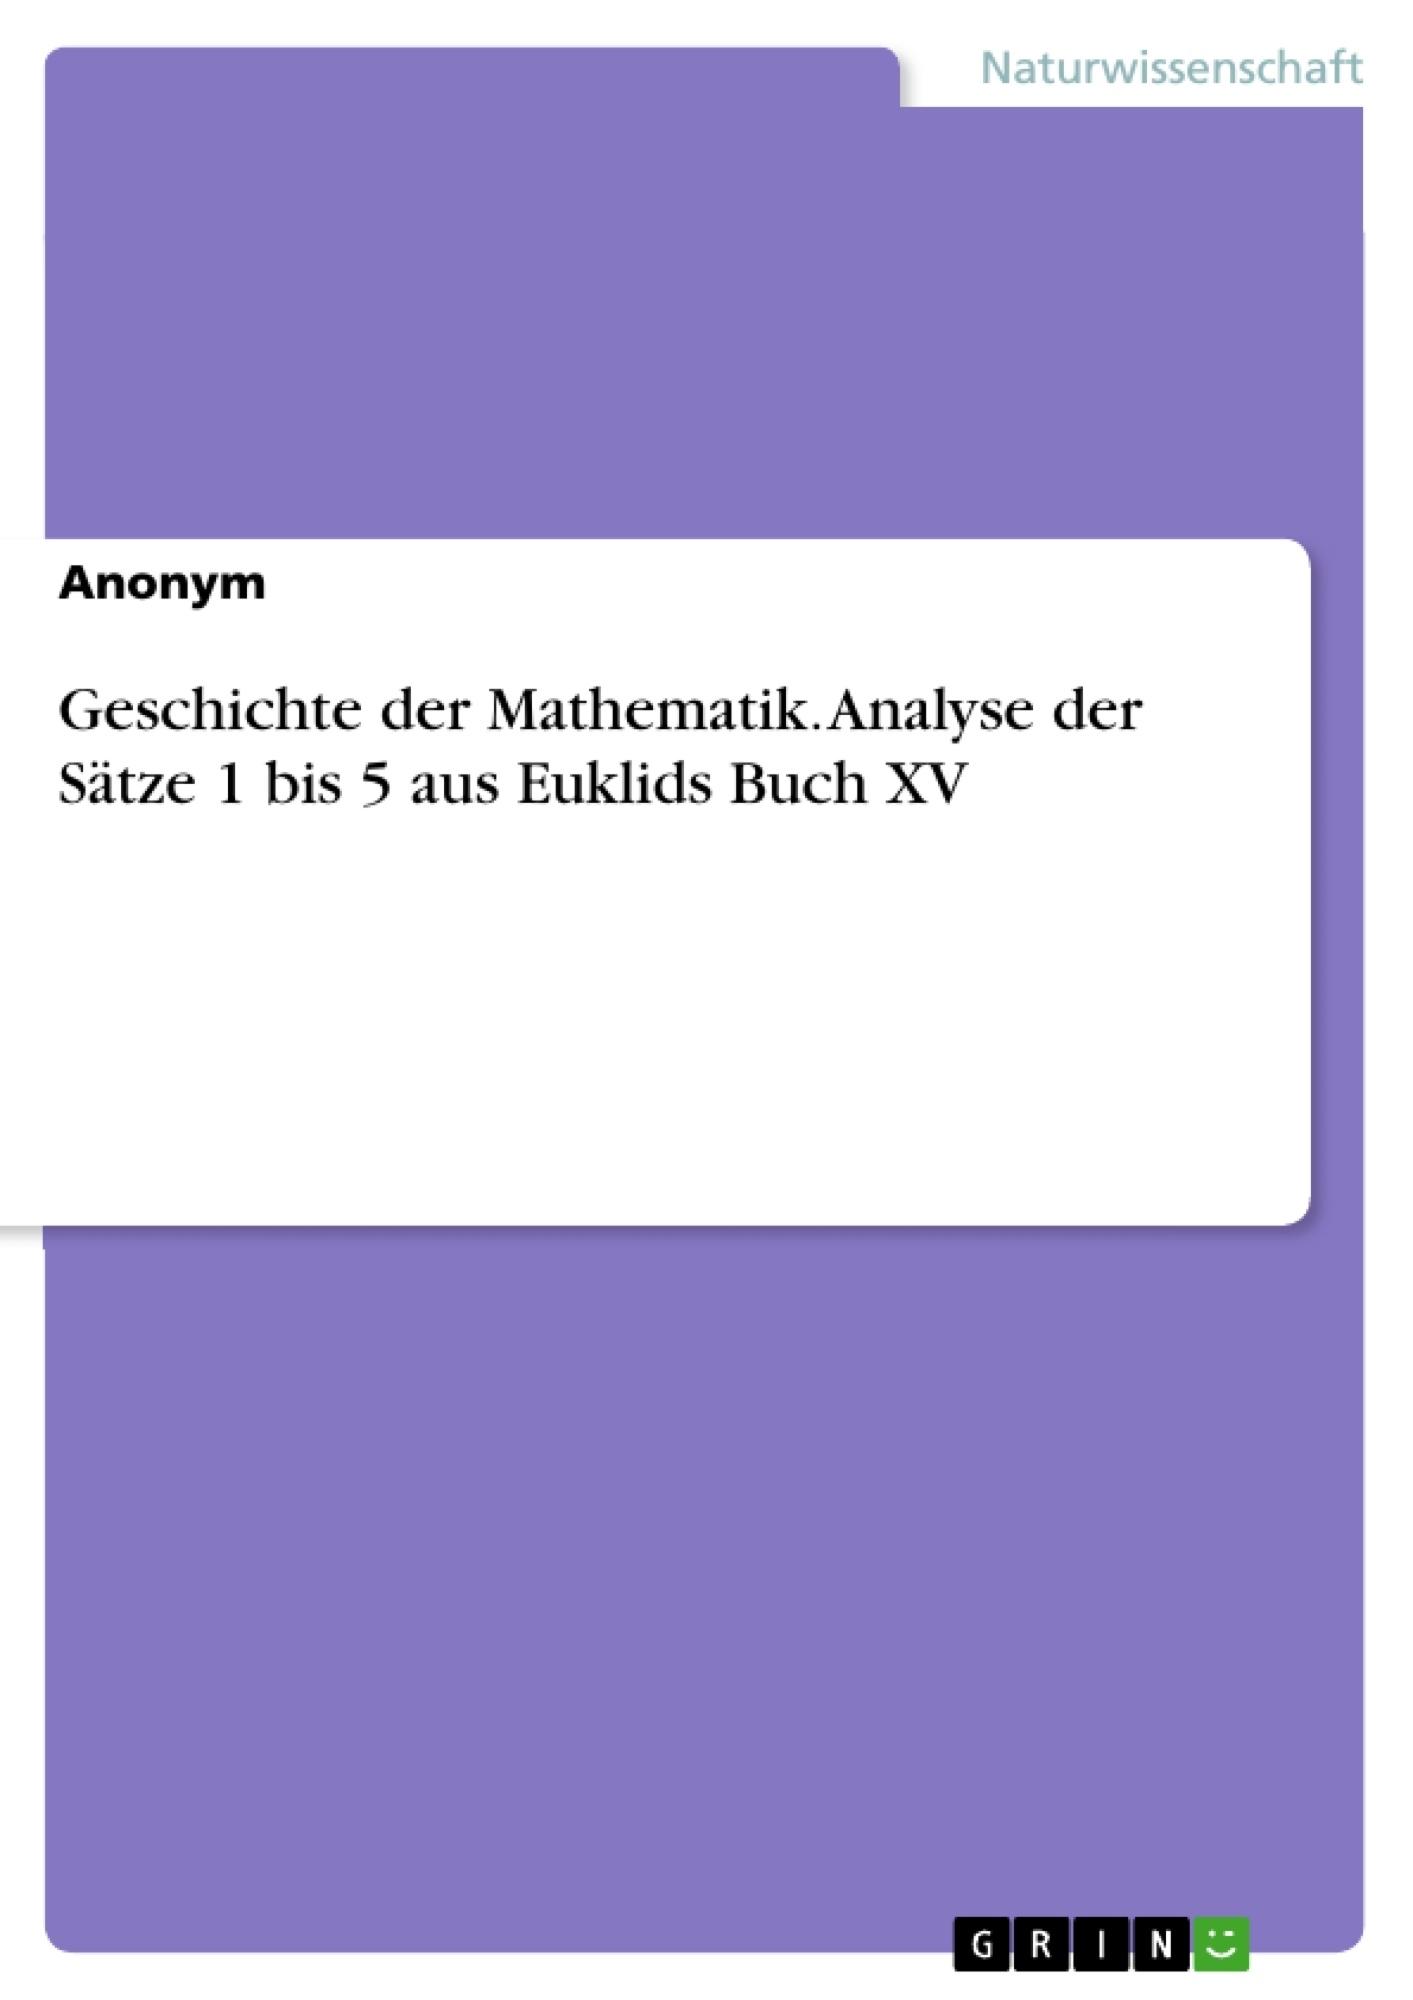 Titel: Geschichte der Mathematik. Analyse der Sätze 1 bis 5 aus Euklids Buch XV